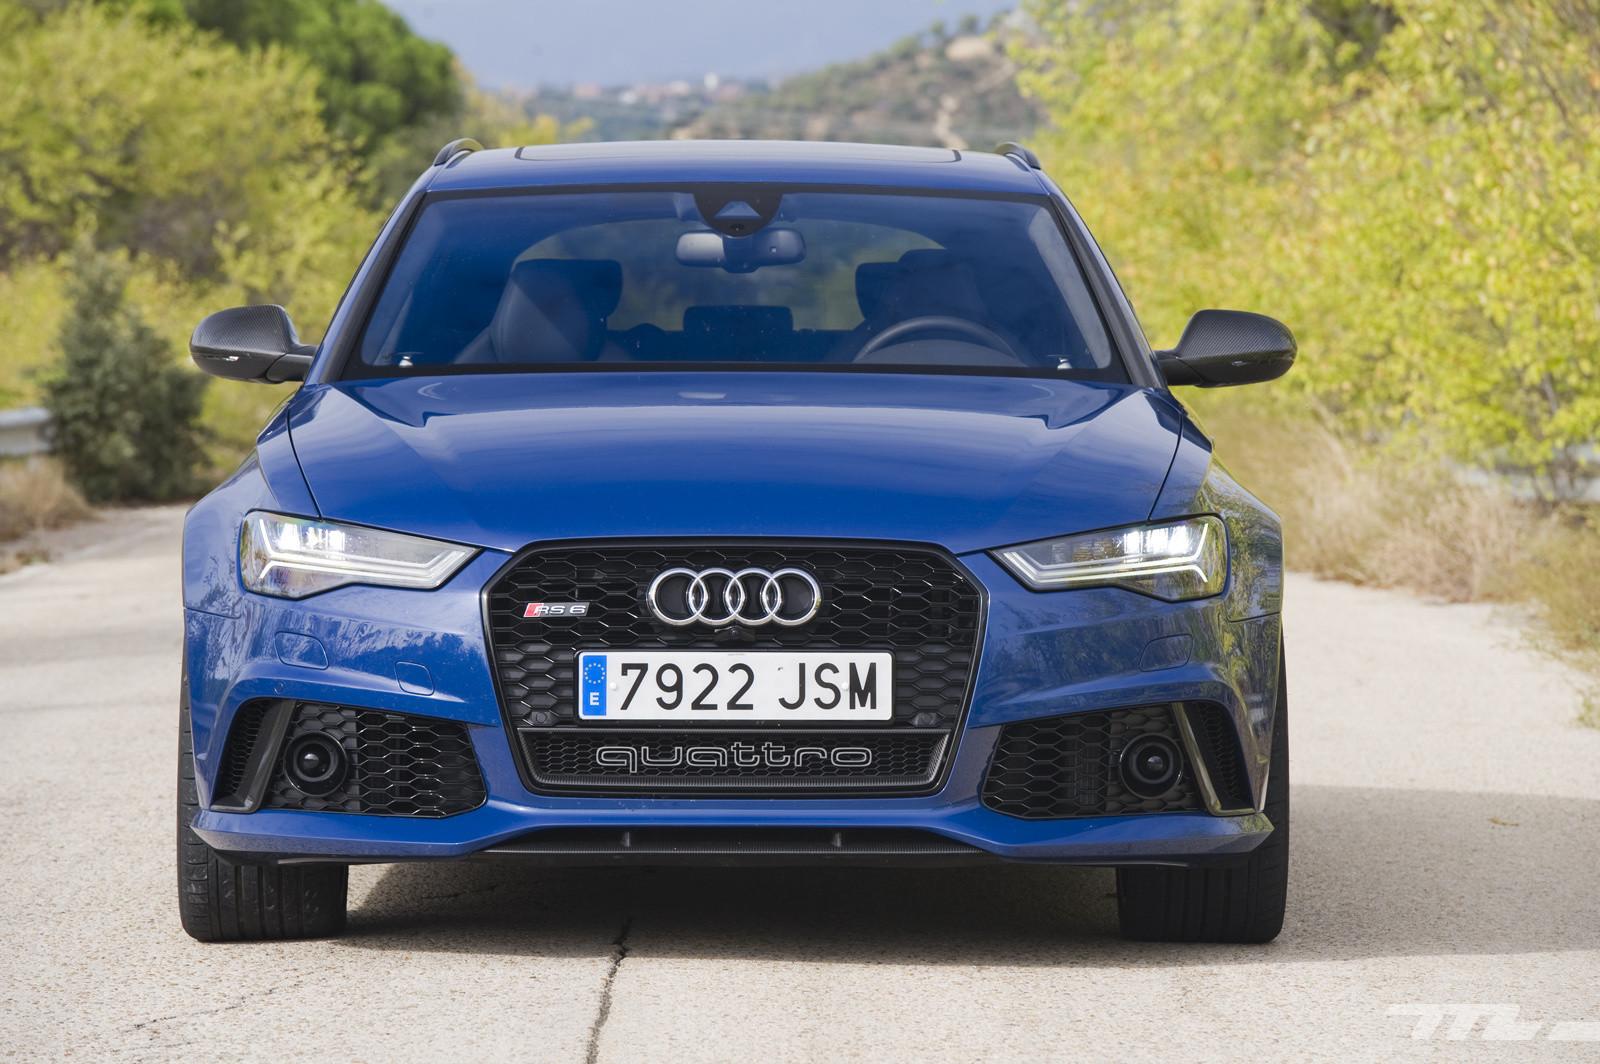 Audi Rs 6 Avant Performance Prueba 3 36